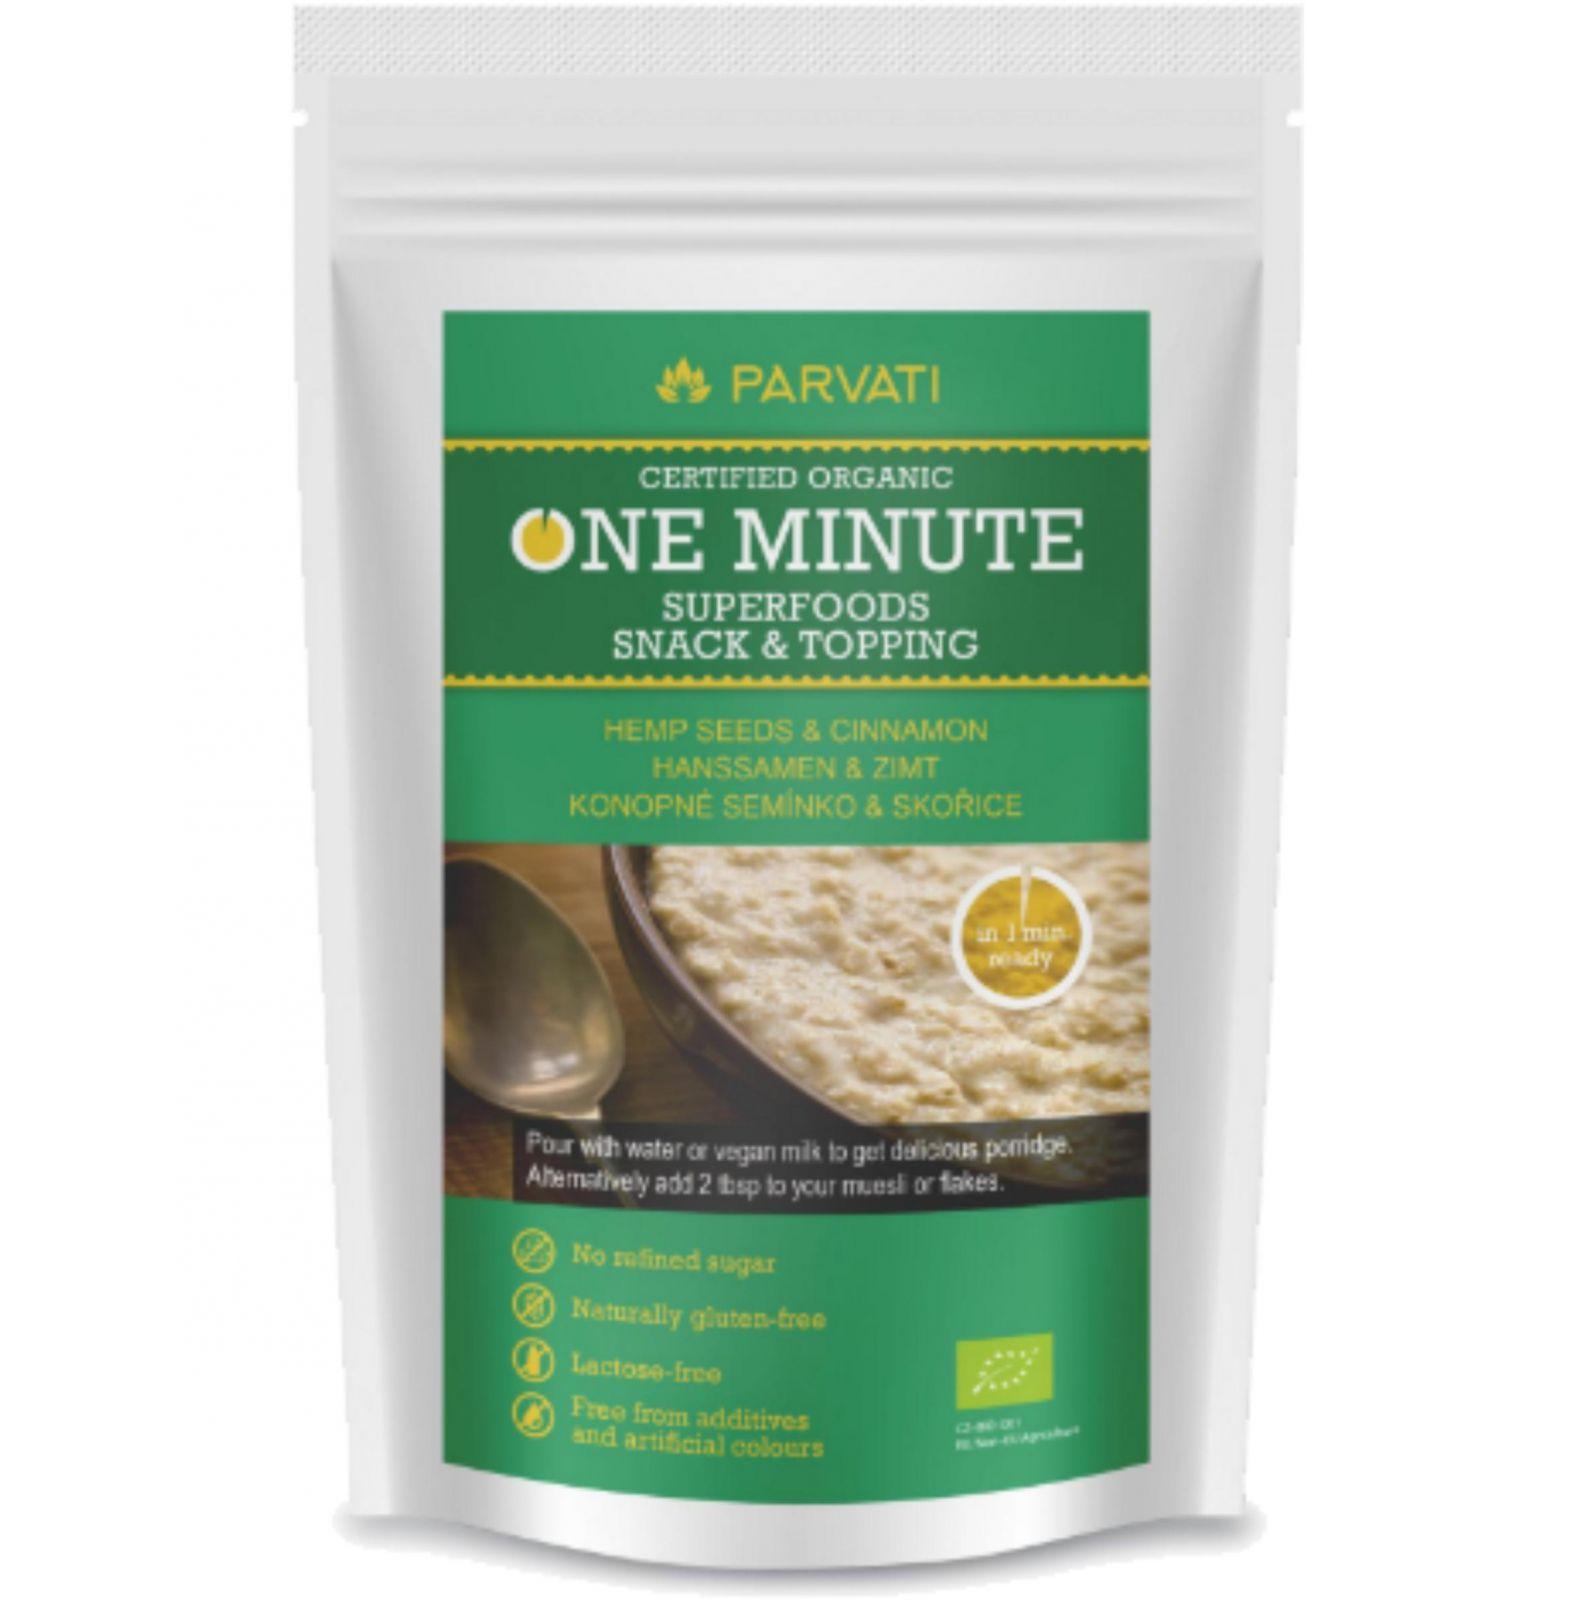 Parvati One Minute Snack 300 g – konopné semínko & skořice